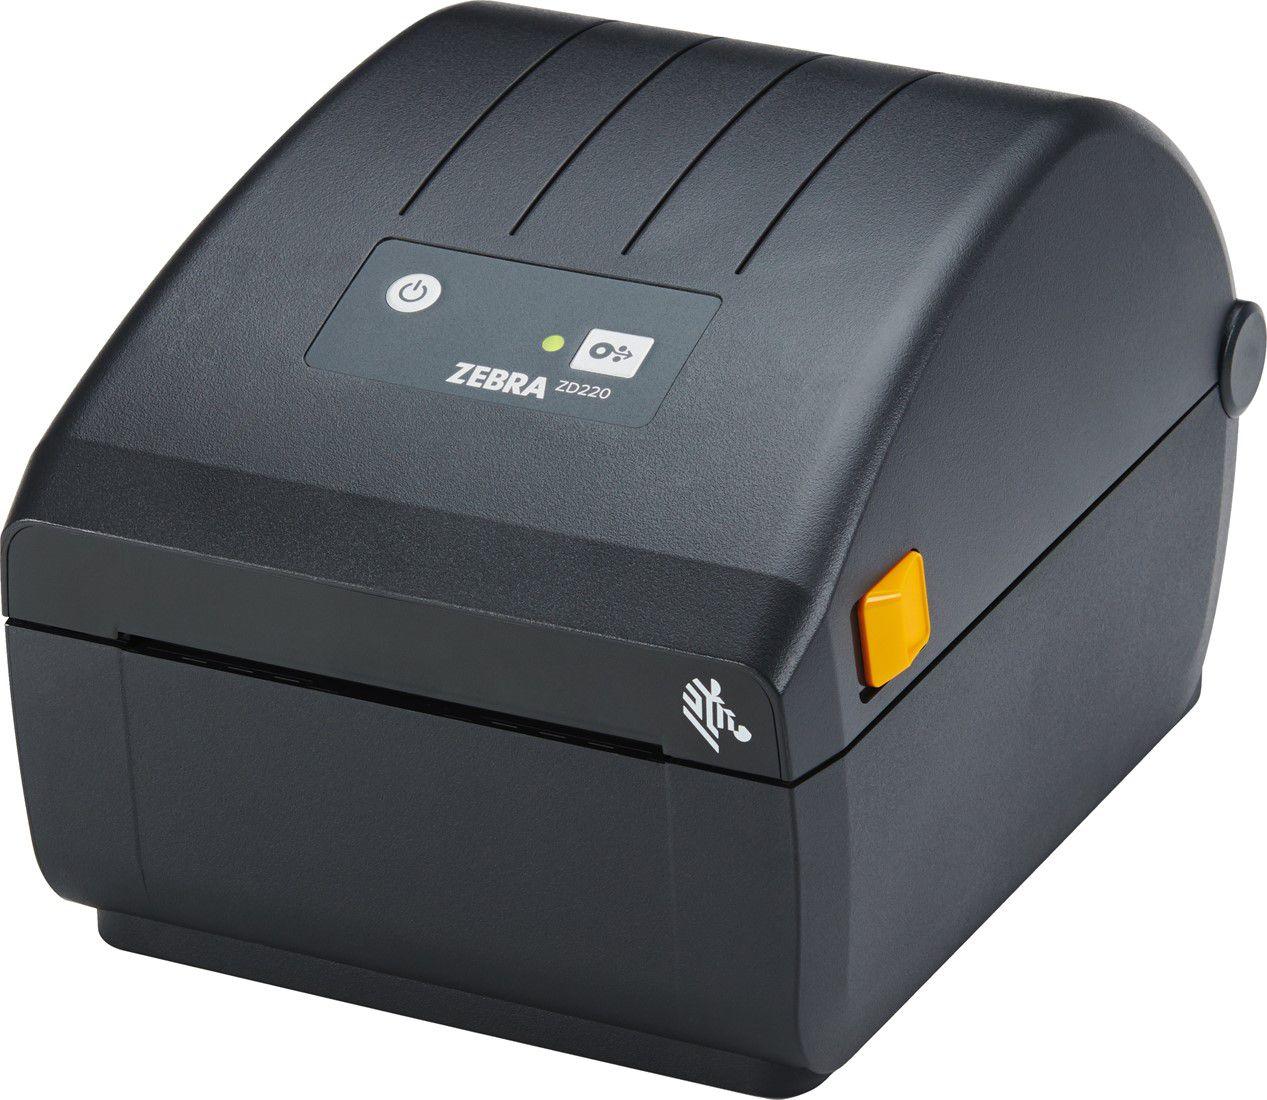 Impressora de Etiquetas Zebra ZD220 ( Substituiu a GC420)  - Haja Automação